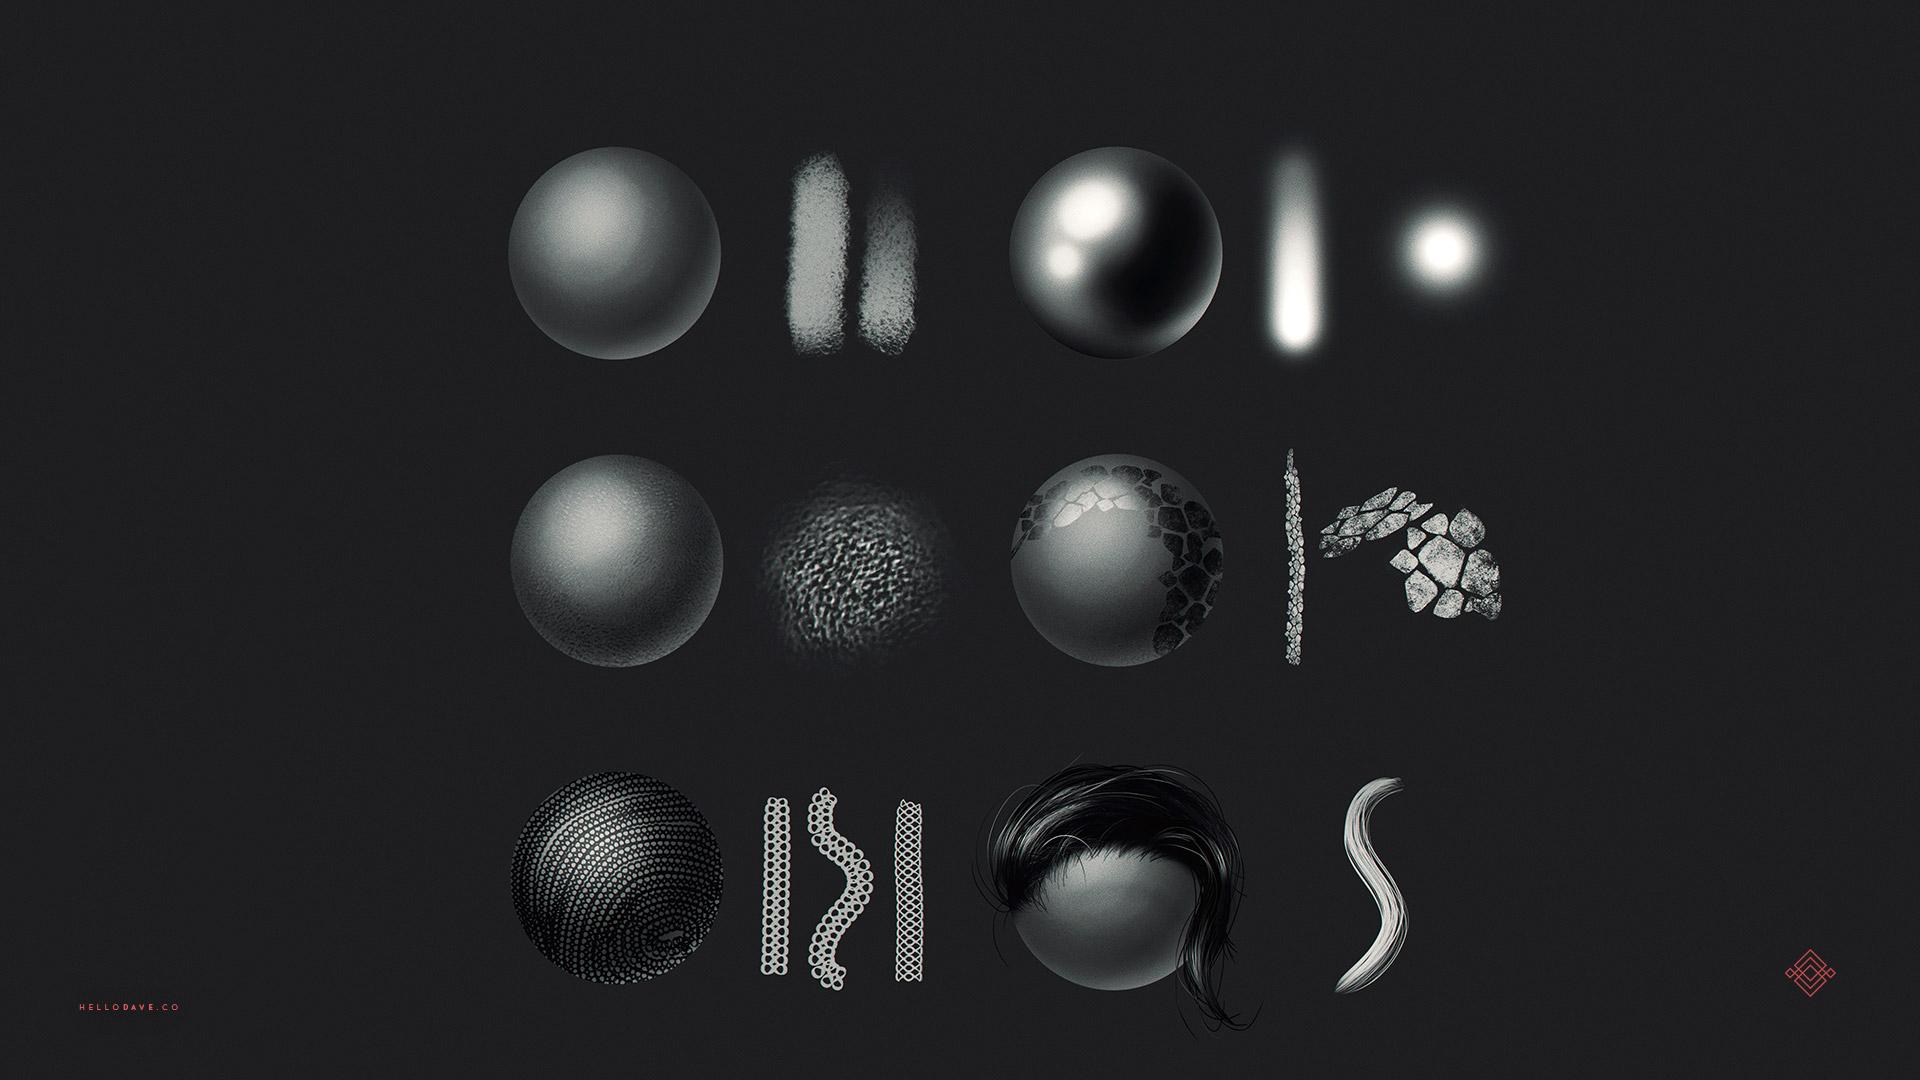 Moonlight_04_crop